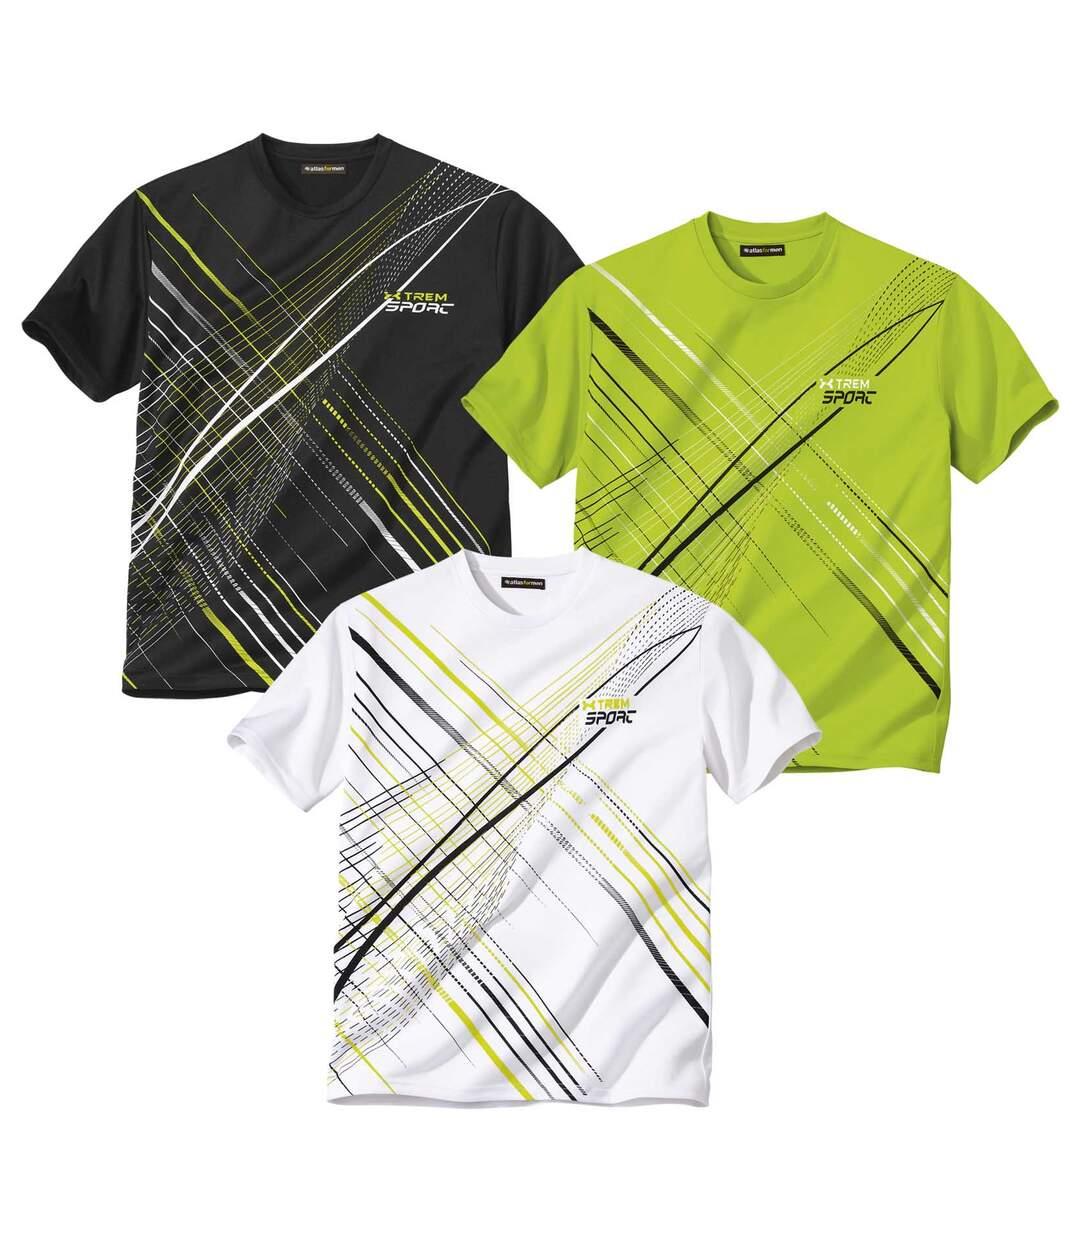 Pack of 3 Men's Sporty T-Shirts - Green Black White Atlas For Men